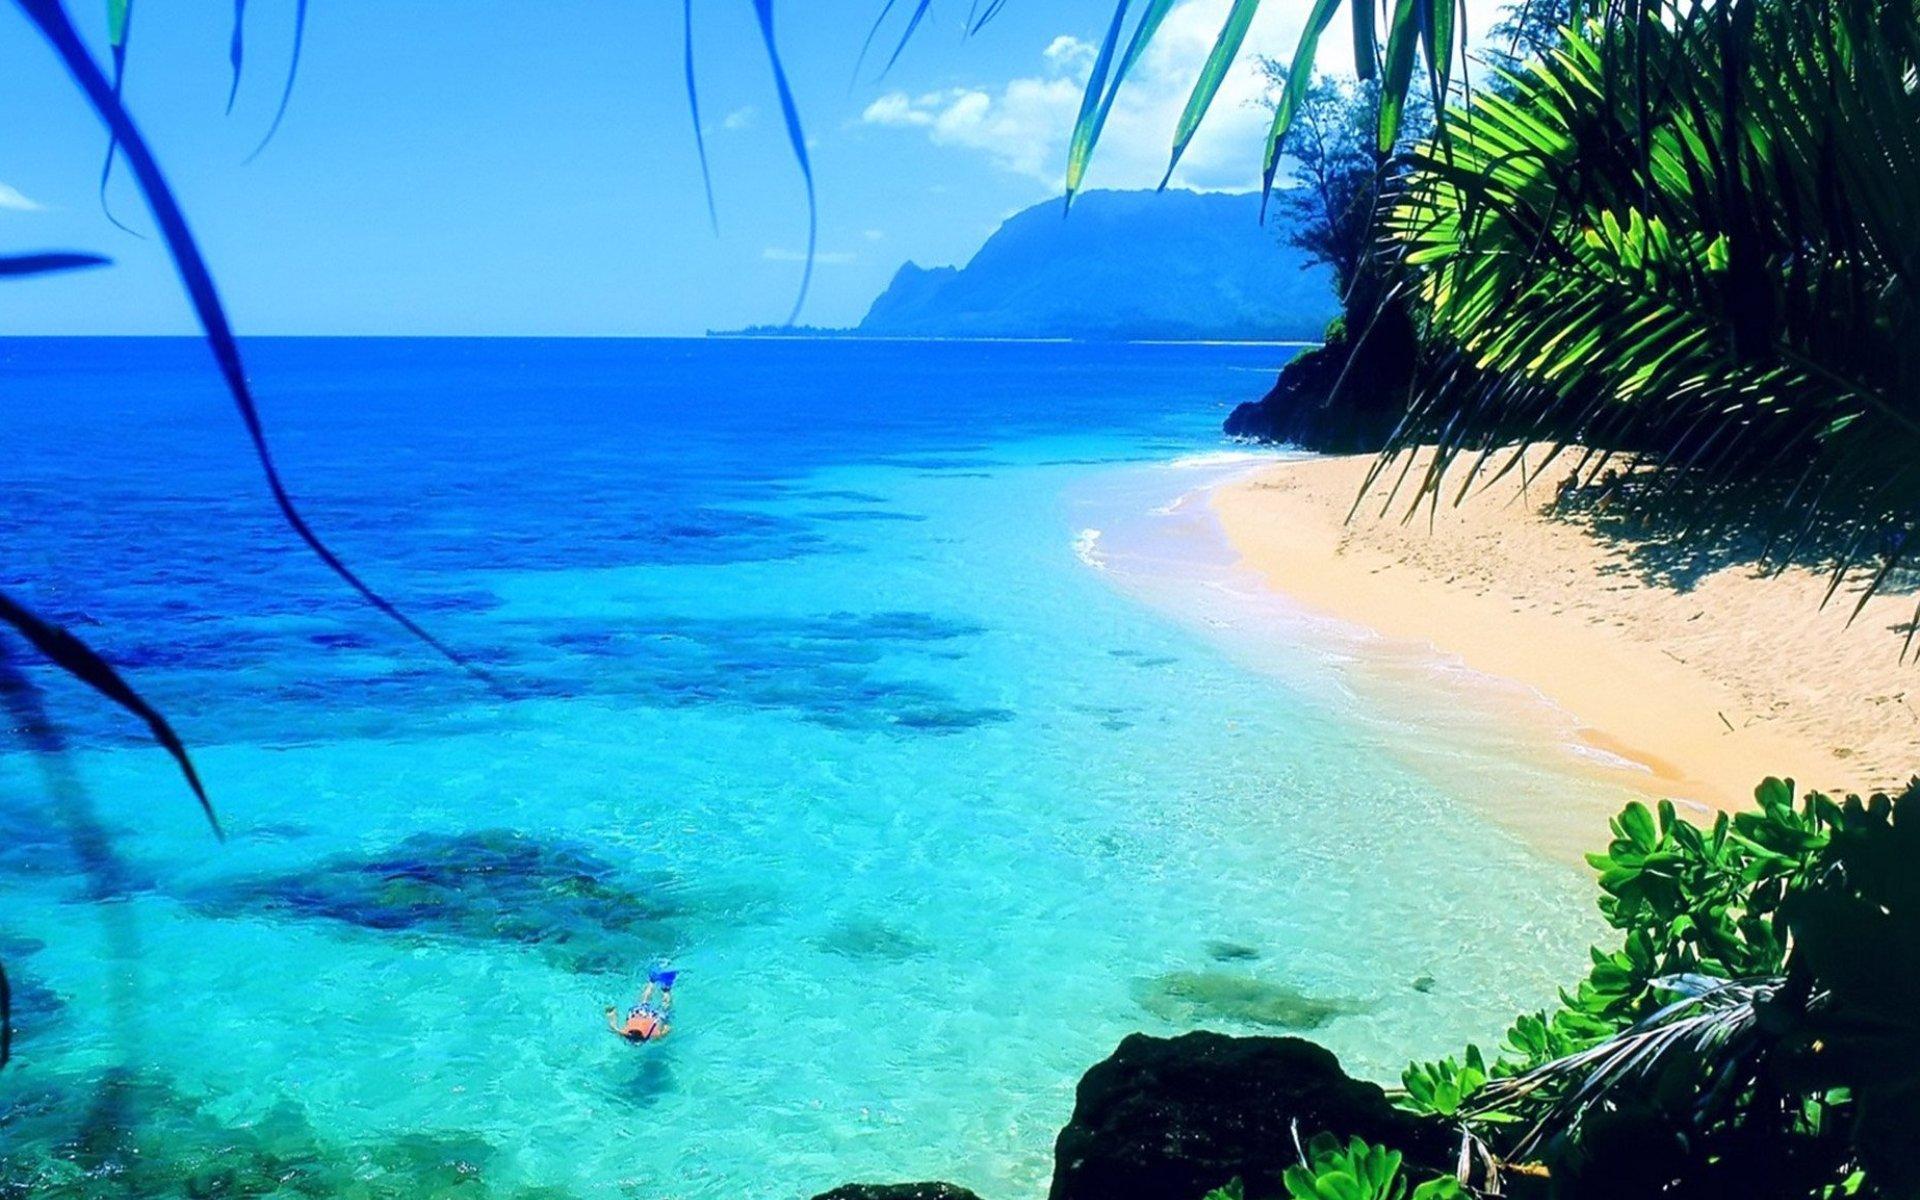 море, пляж, скачать фото, пальмы, песок, beach wallpaper